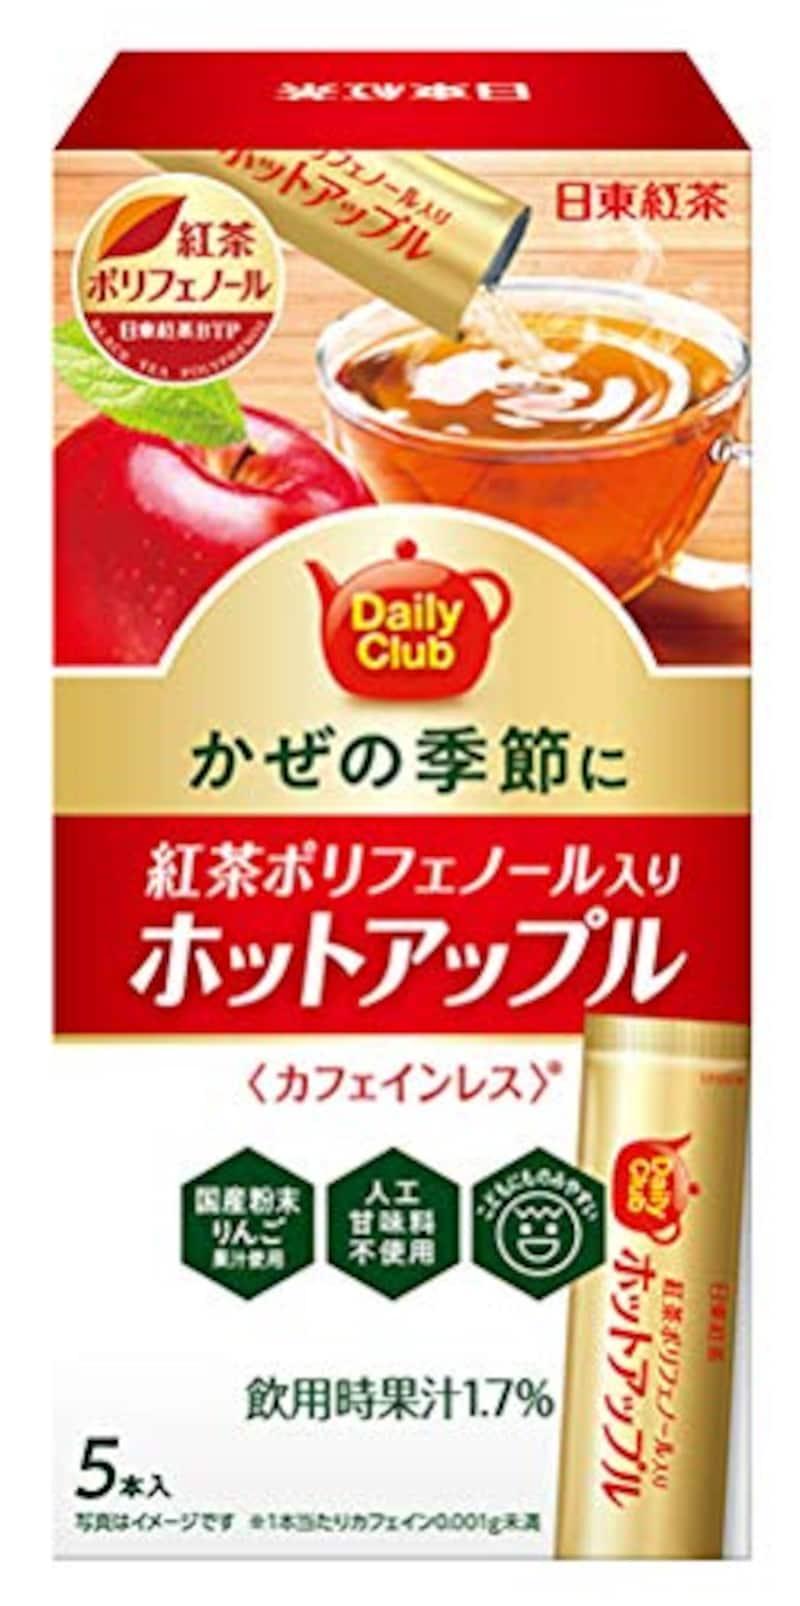 日東紅茶,デイリークラブ紅茶ポリフェノールホットアップル